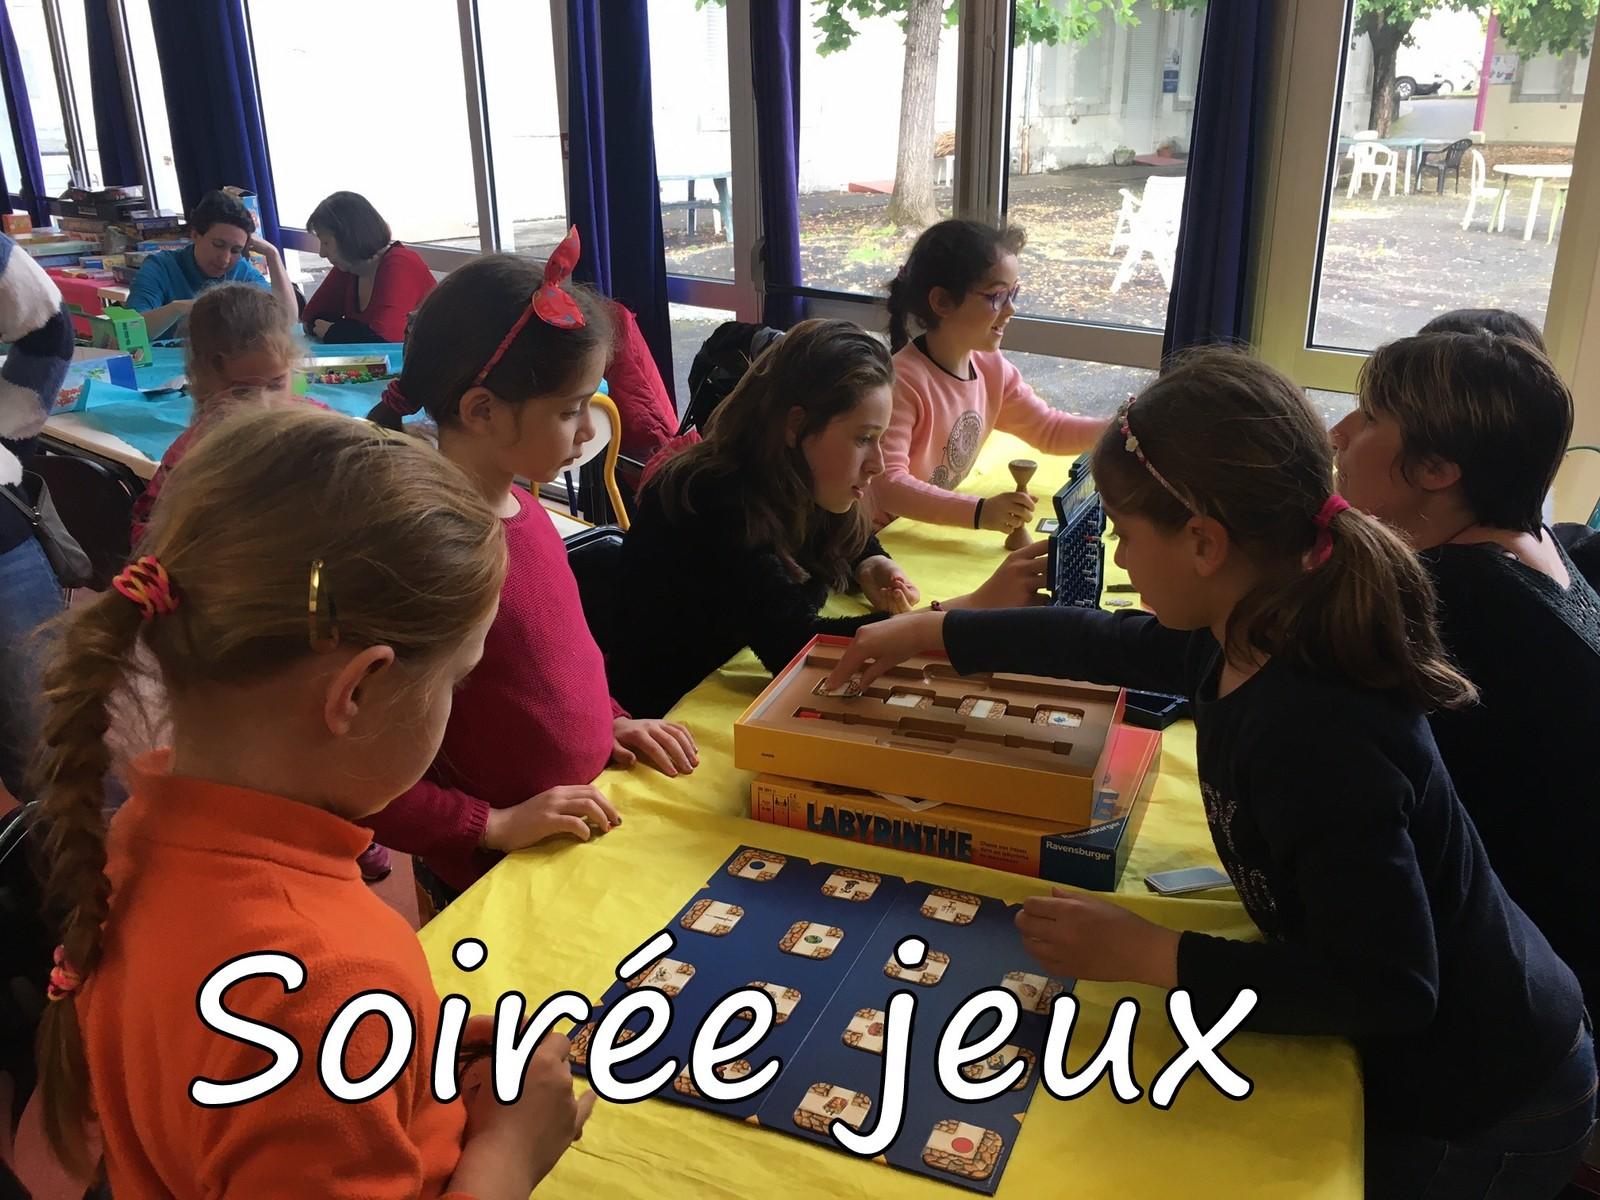 Soiree-jeux-4